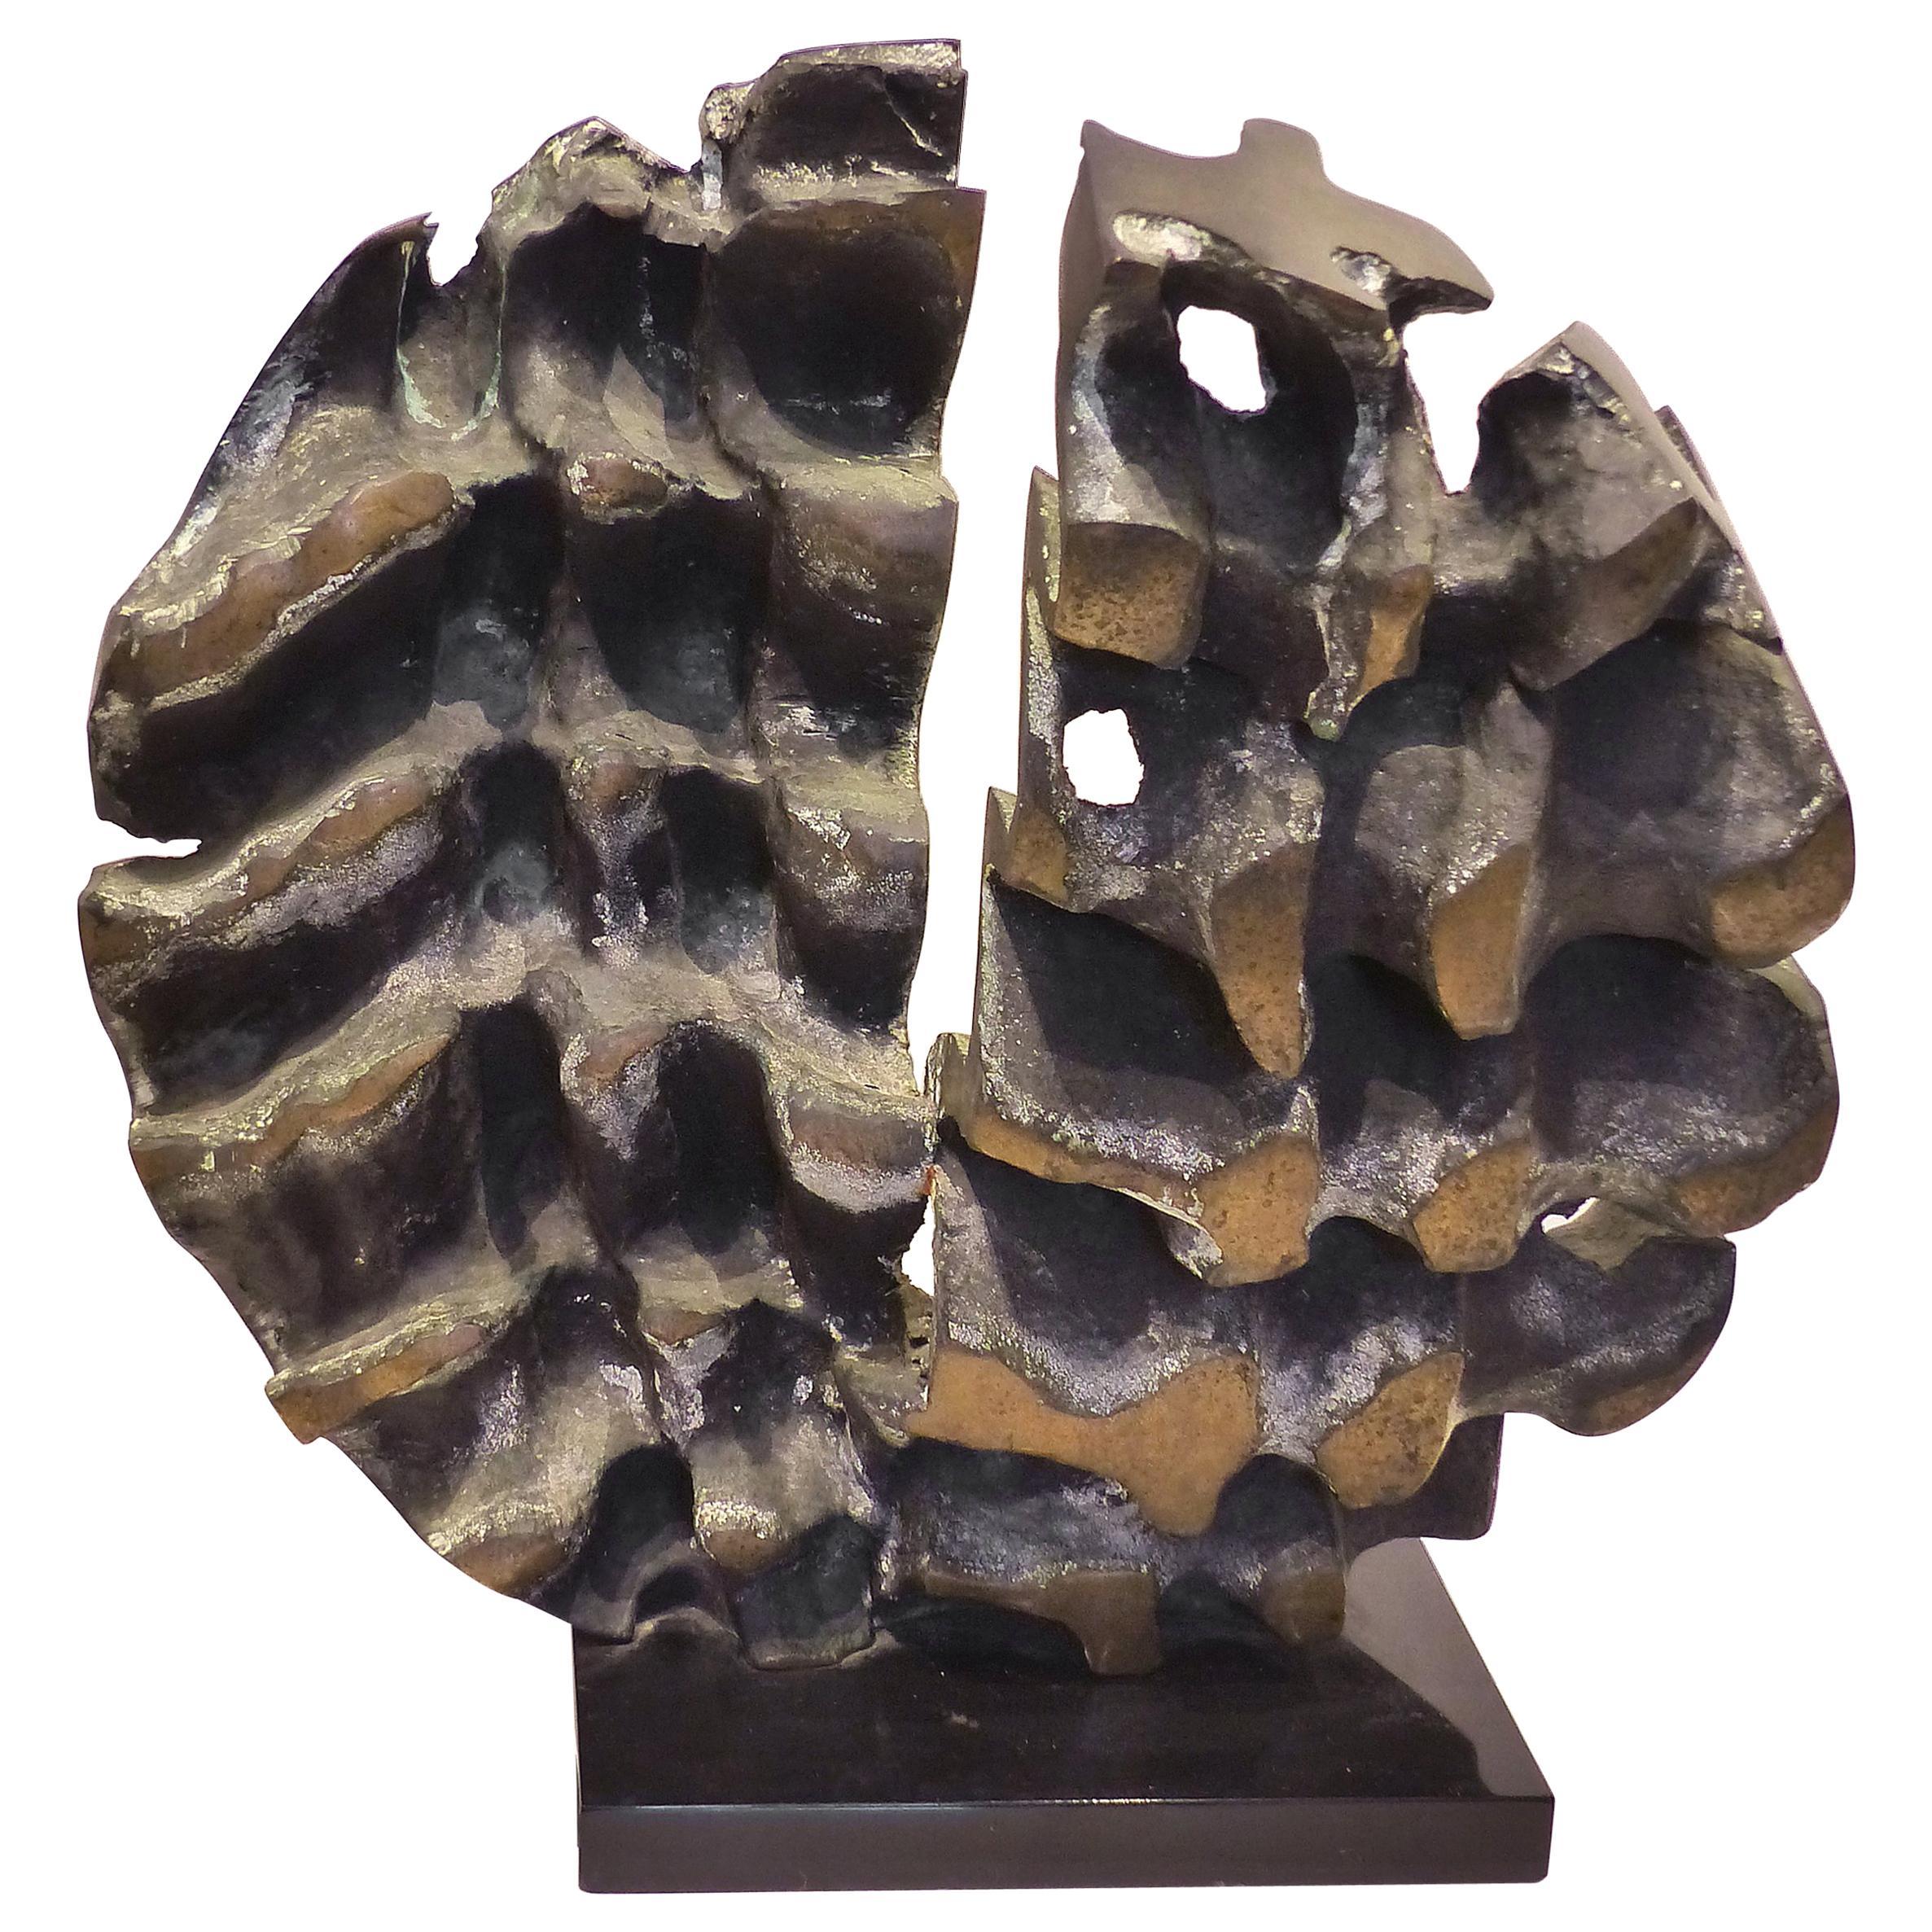 1970s Substantial Brutalist Bronze Sculpture, Signed